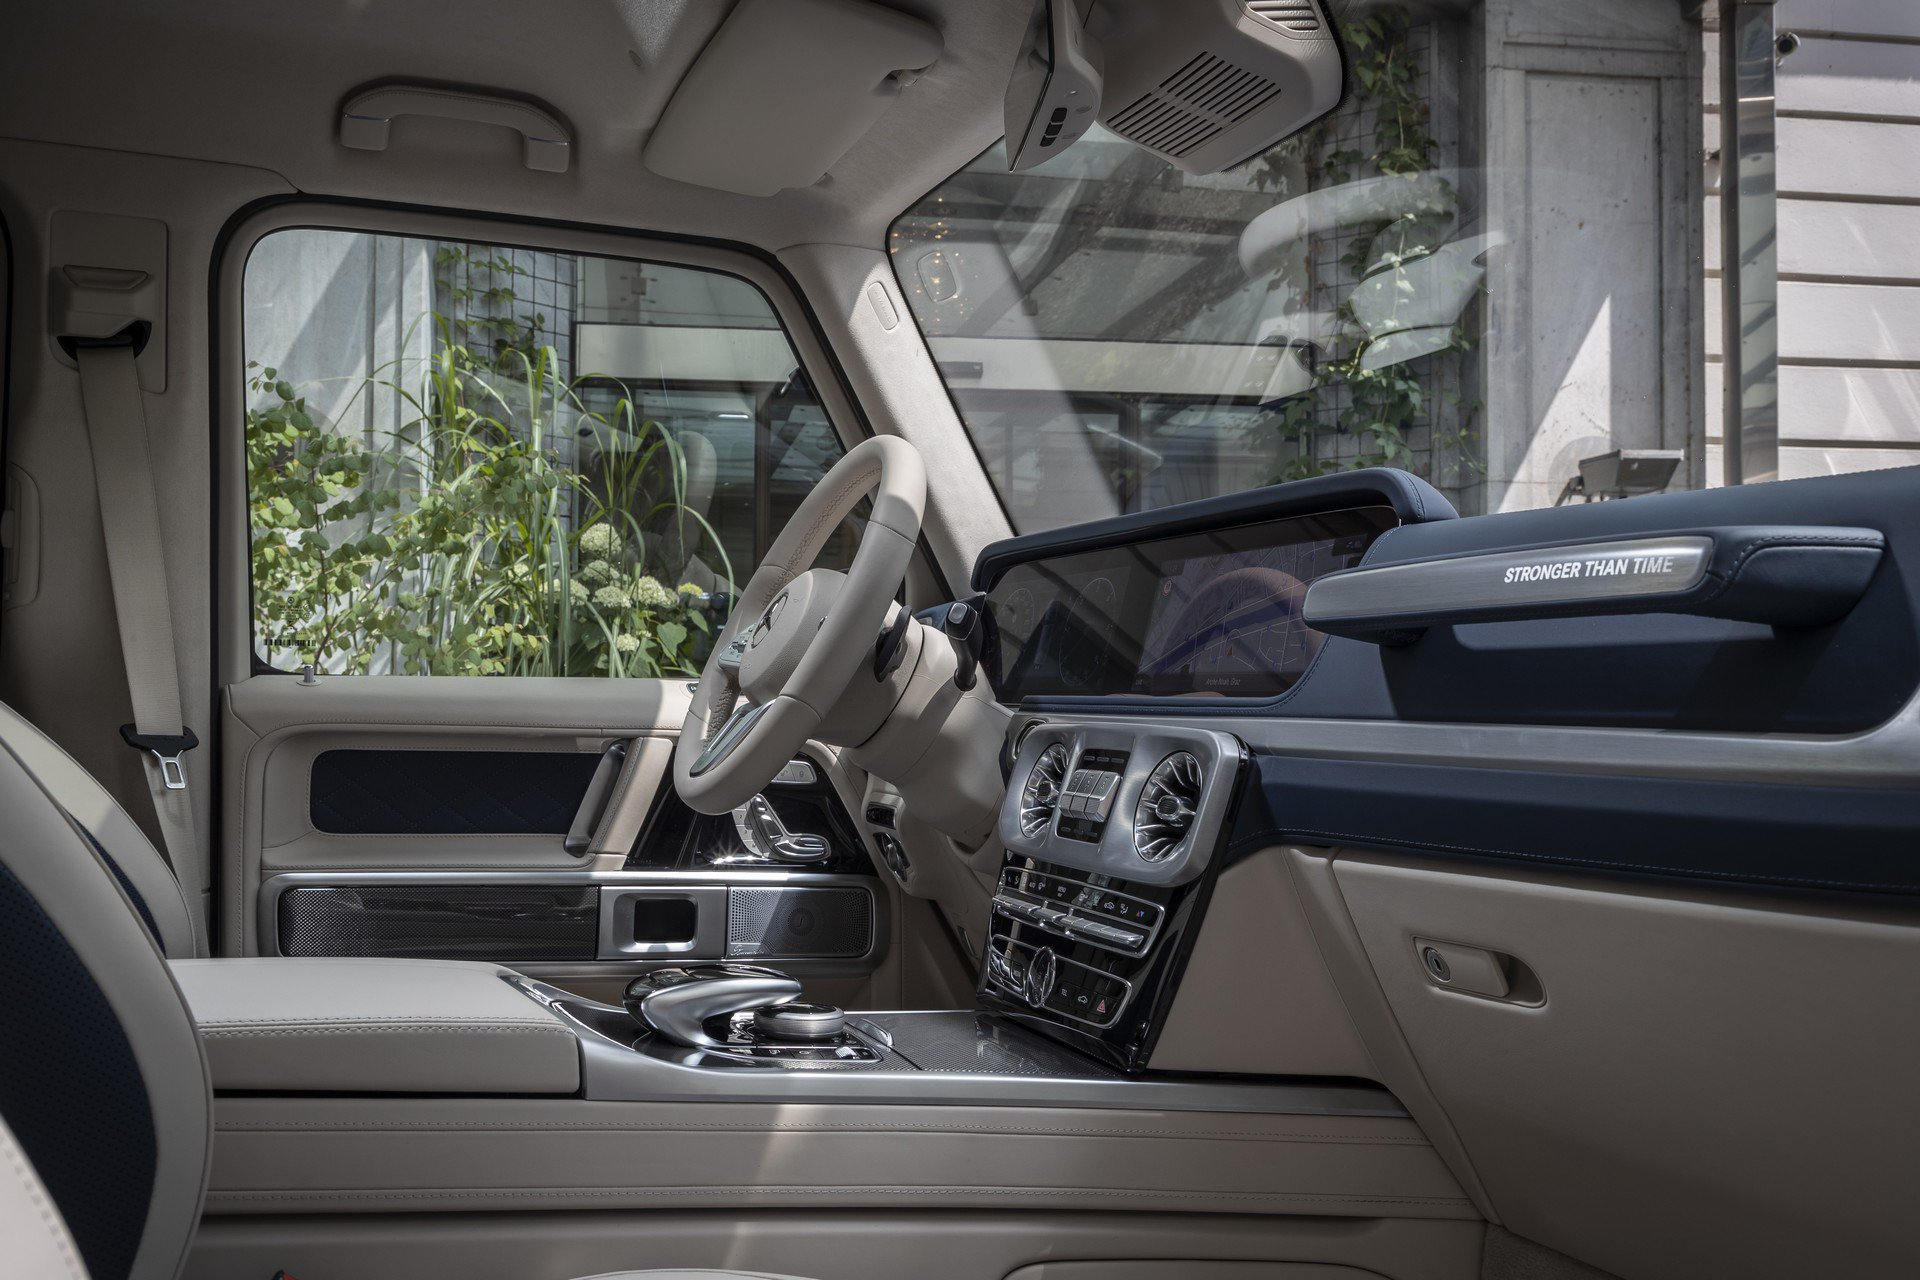 """Mercedes G-Class phiên bản đặc biệt """"Stronger Than Time"""" kỷ niệm 40 năm - 5"""